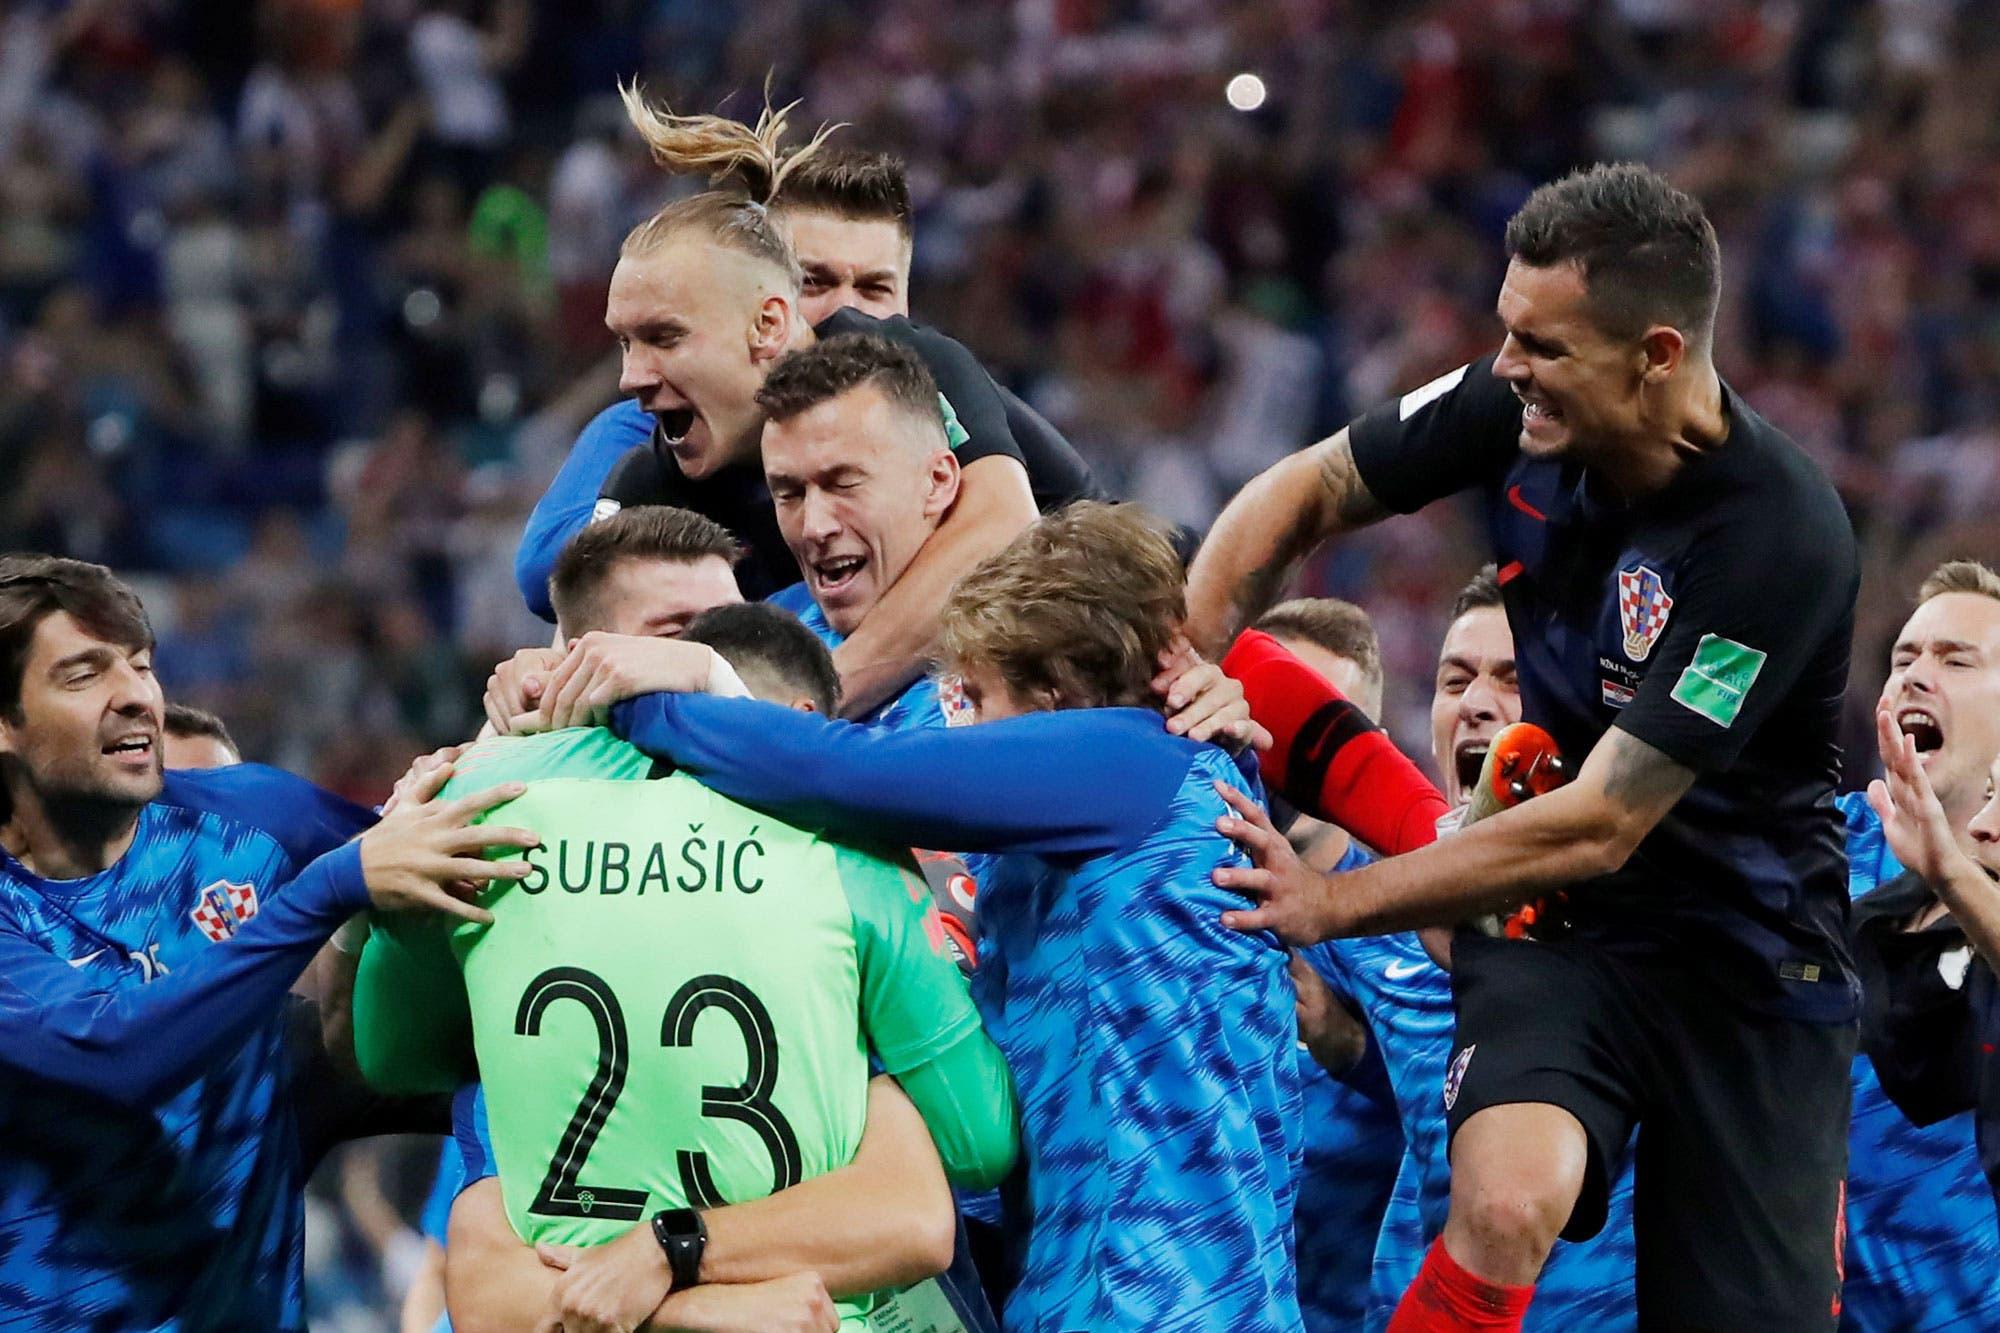 Croacia-Dinamarca, Mundial Rusia 2018: el resumen de los goles y los penales